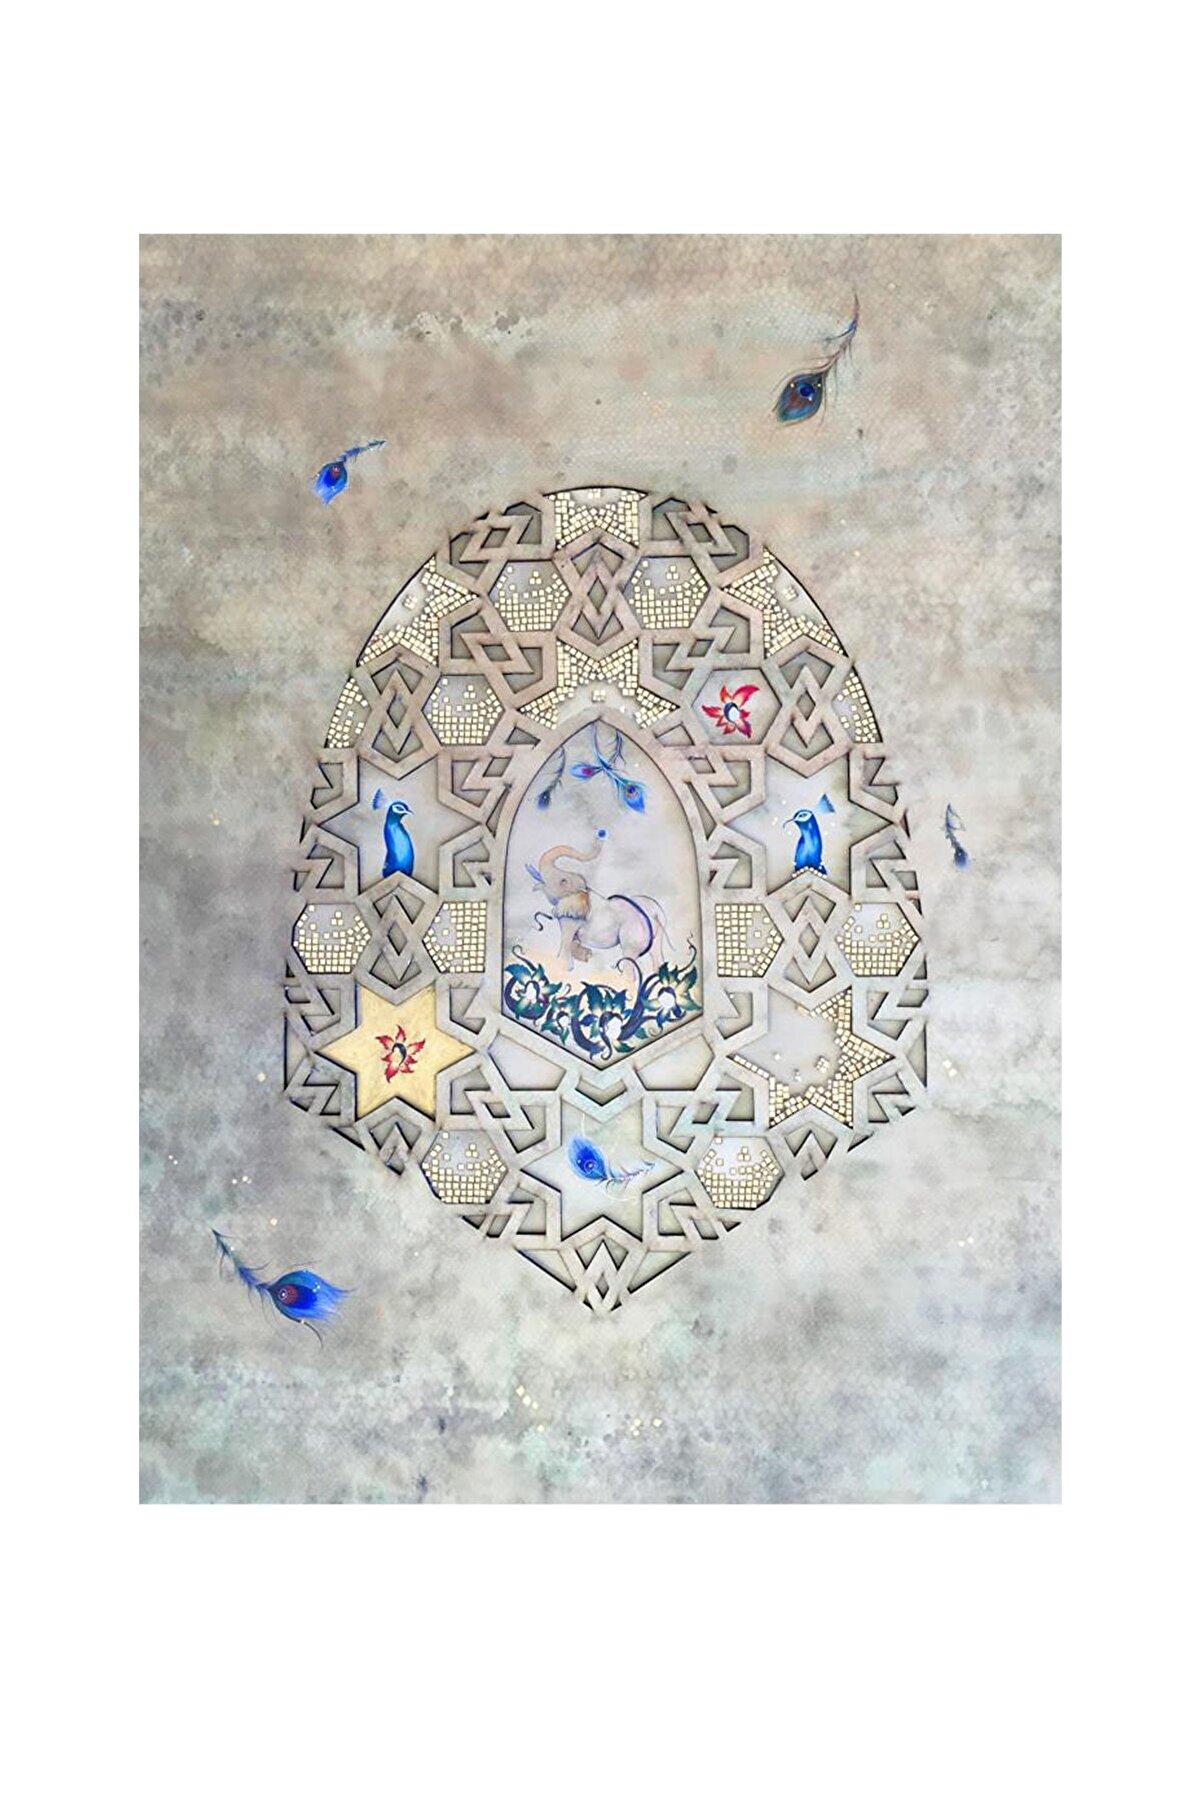 Zeynep Bato Bilinçaltı, 70x100, Mdf Üzerine Boyanmış Kağıt Üzerine Mozaik ve Suluboya